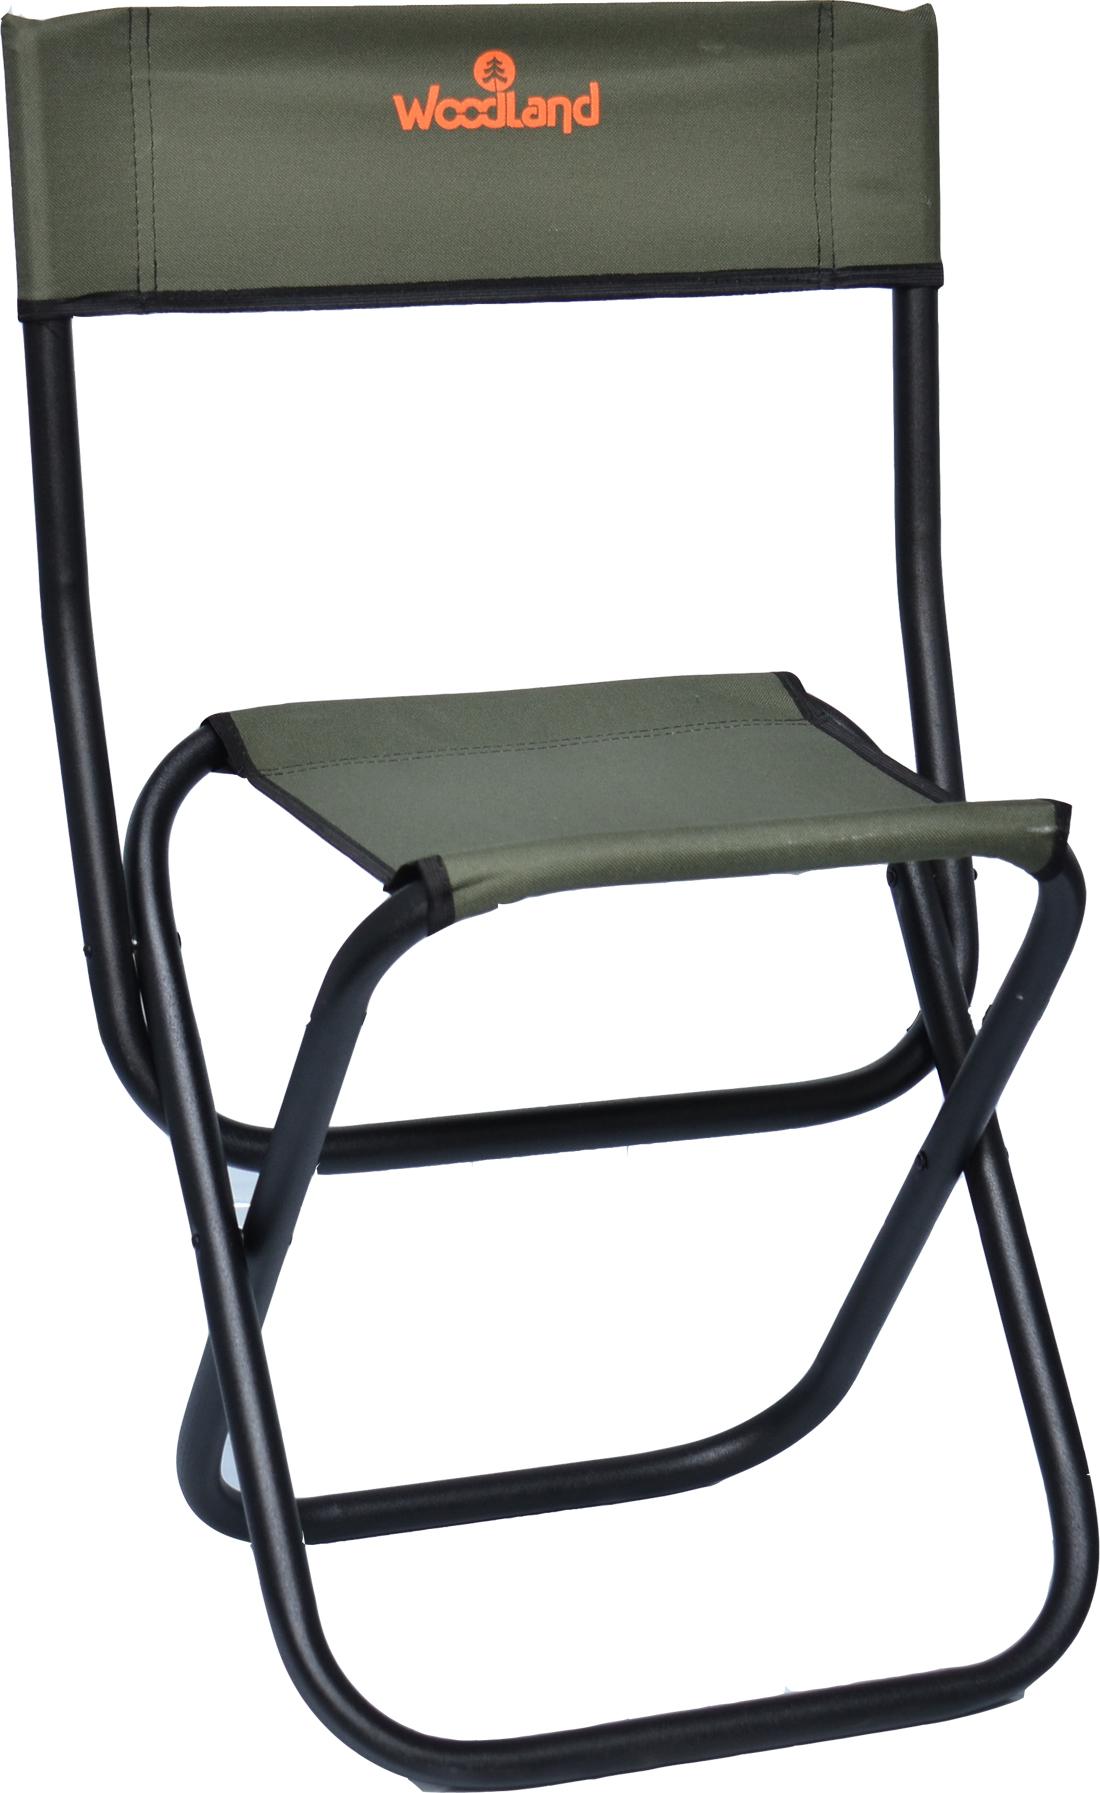 Стул Tourist MINI, 33,5х29х39 (67,5) см складной, со Стулья, кресла<br>РАЗМЕР: 33,5х29х39 (67,5) см МАТЕРИАЛЫ: сталь ? <br>22 мм Oxford 600D ВЕС: 1,88 кг. • Усиленная складная <br>конструкция. • Прочный стальной каркас, <br>диаметром 22 мм, с покрытием. • Водоотталкивающее <br>ПВХ покрытие ткани Oxford 600D. • Максимально <br>допустимая нагрузка 120 кг.<br>